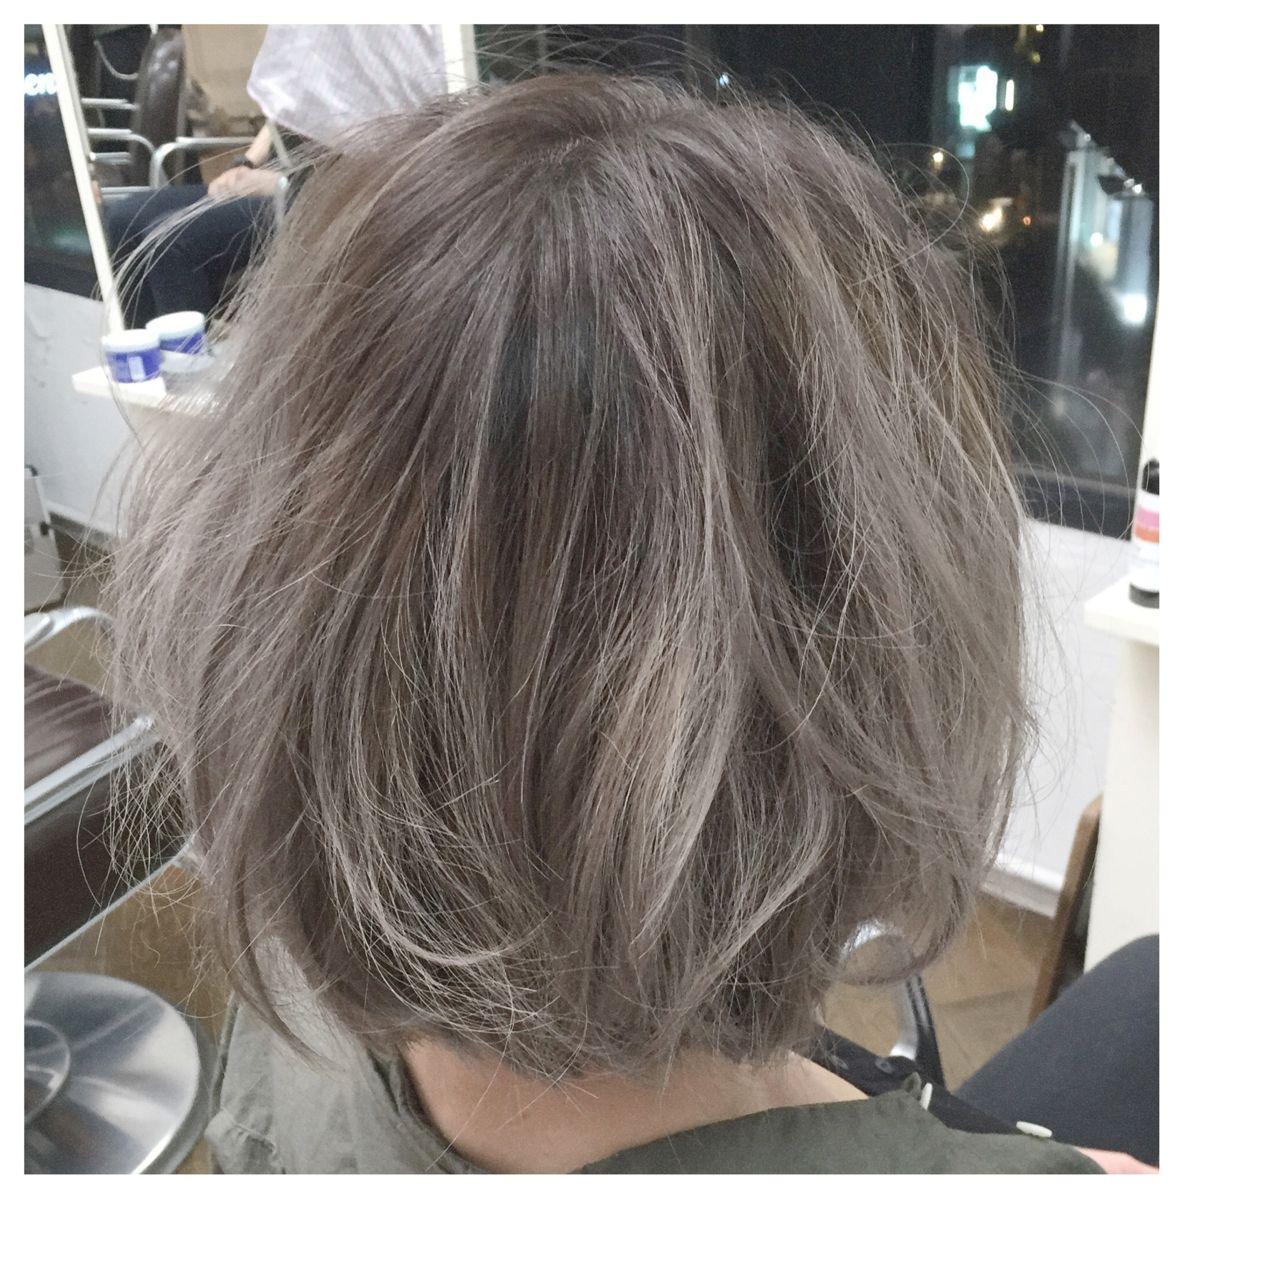 人と被らない私だけのスタイルに。ボブ×グラデーションカラーのヘアスタイルまとめ Takuya Nakazawa